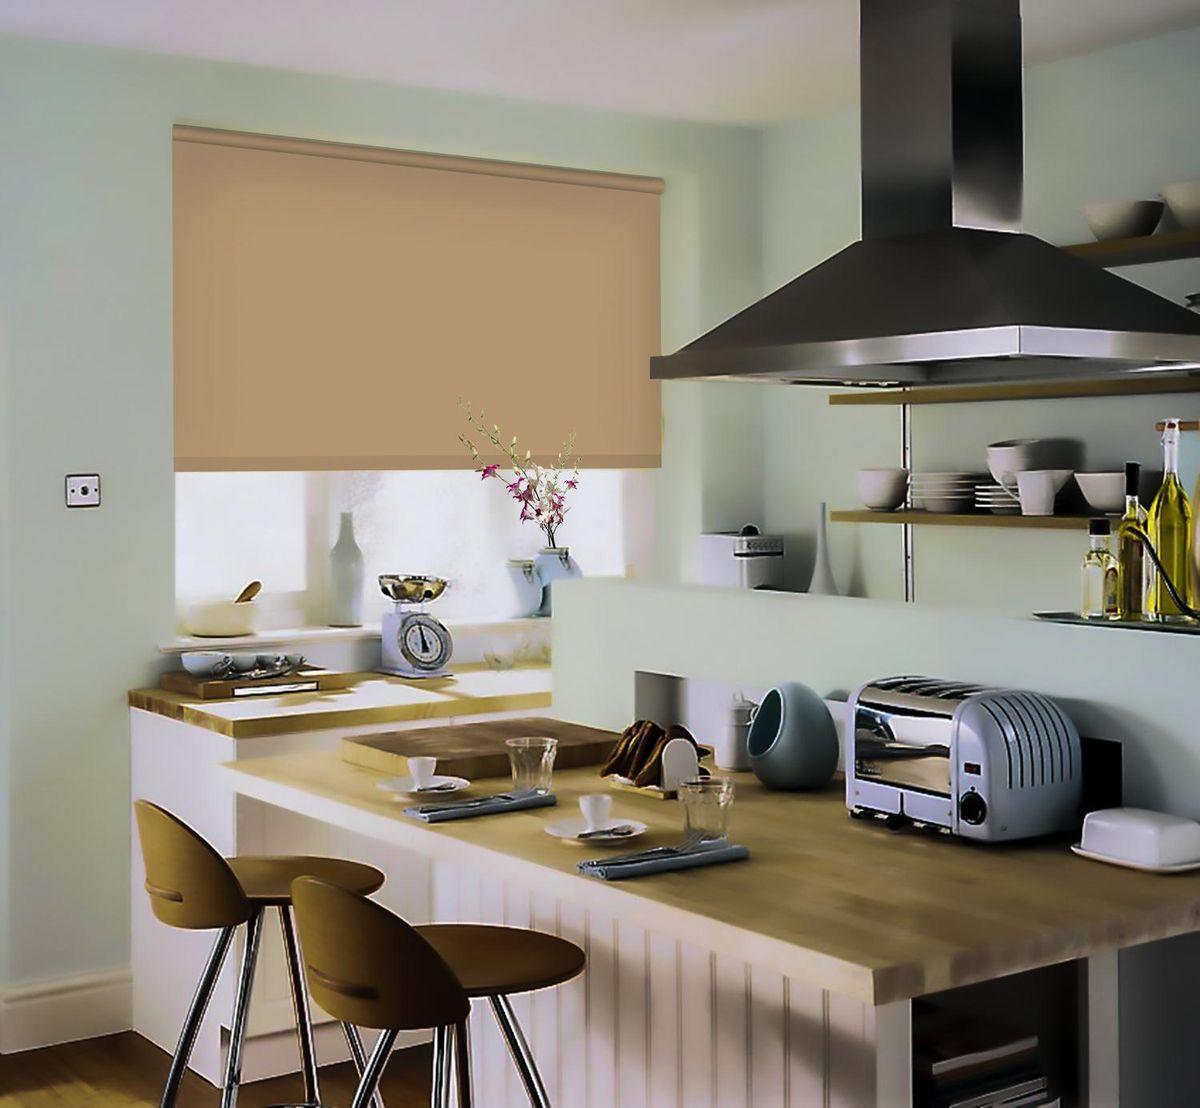 Штора рулонная Эскар, цвет: темно-бежевый, ширина 150 см, высота 170 см81209150170Рулонными шторами можно оформлять окна как самостоятельно, так и использовать в комбинации с портьерами. Это поможет предотвратить выгорание дорогой ткани на солнце и соединит функционал рулонных с красотой навесных. Преимущества применения рулонных штор для пластиковых окон: - имеют прекрасный внешний вид: многообразие и фактурность материала изделия отлично смотрятся в любом интерьере; - многофункциональны: есть возможность подобрать шторы способные эффективно защитить комнату от солнца, при этом она не будет слишком темной. - Есть возможность осуществить быстрый монтаж. ВНИМАНИЕ! Размеры ширины изделия указаны по ширине ткани! Во время эксплуатации не рекомендуется полностью разматывать рулон, чтобы не оторвать ткань от намоточного вала. В случае загрязнения поверхности ткани, чистку шторы проводят одним из способов, в зависимости от типа загрязнения: легкое поверхностное загрязнение можно удалить при помощи канцелярского ластика; чистка от пыли производится сухим методом при...